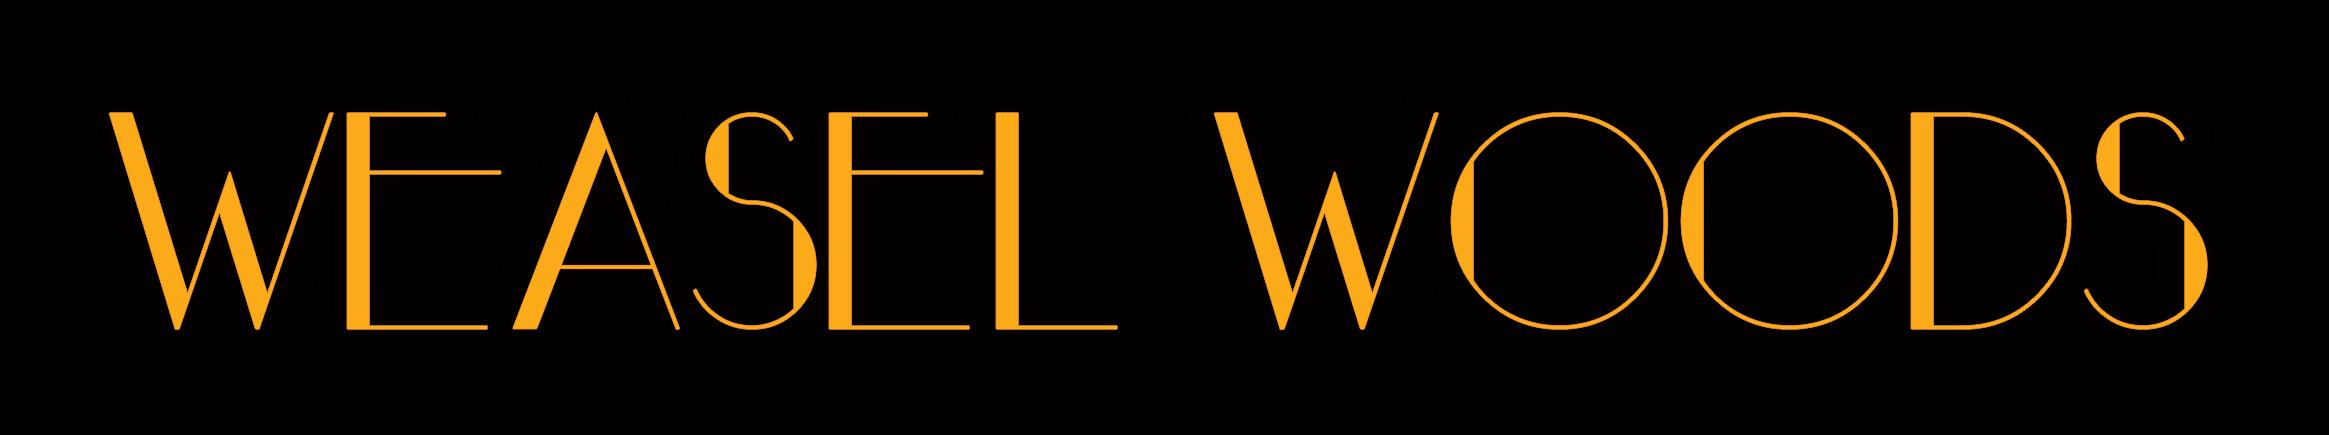 Weasel Woods   Logo 2019